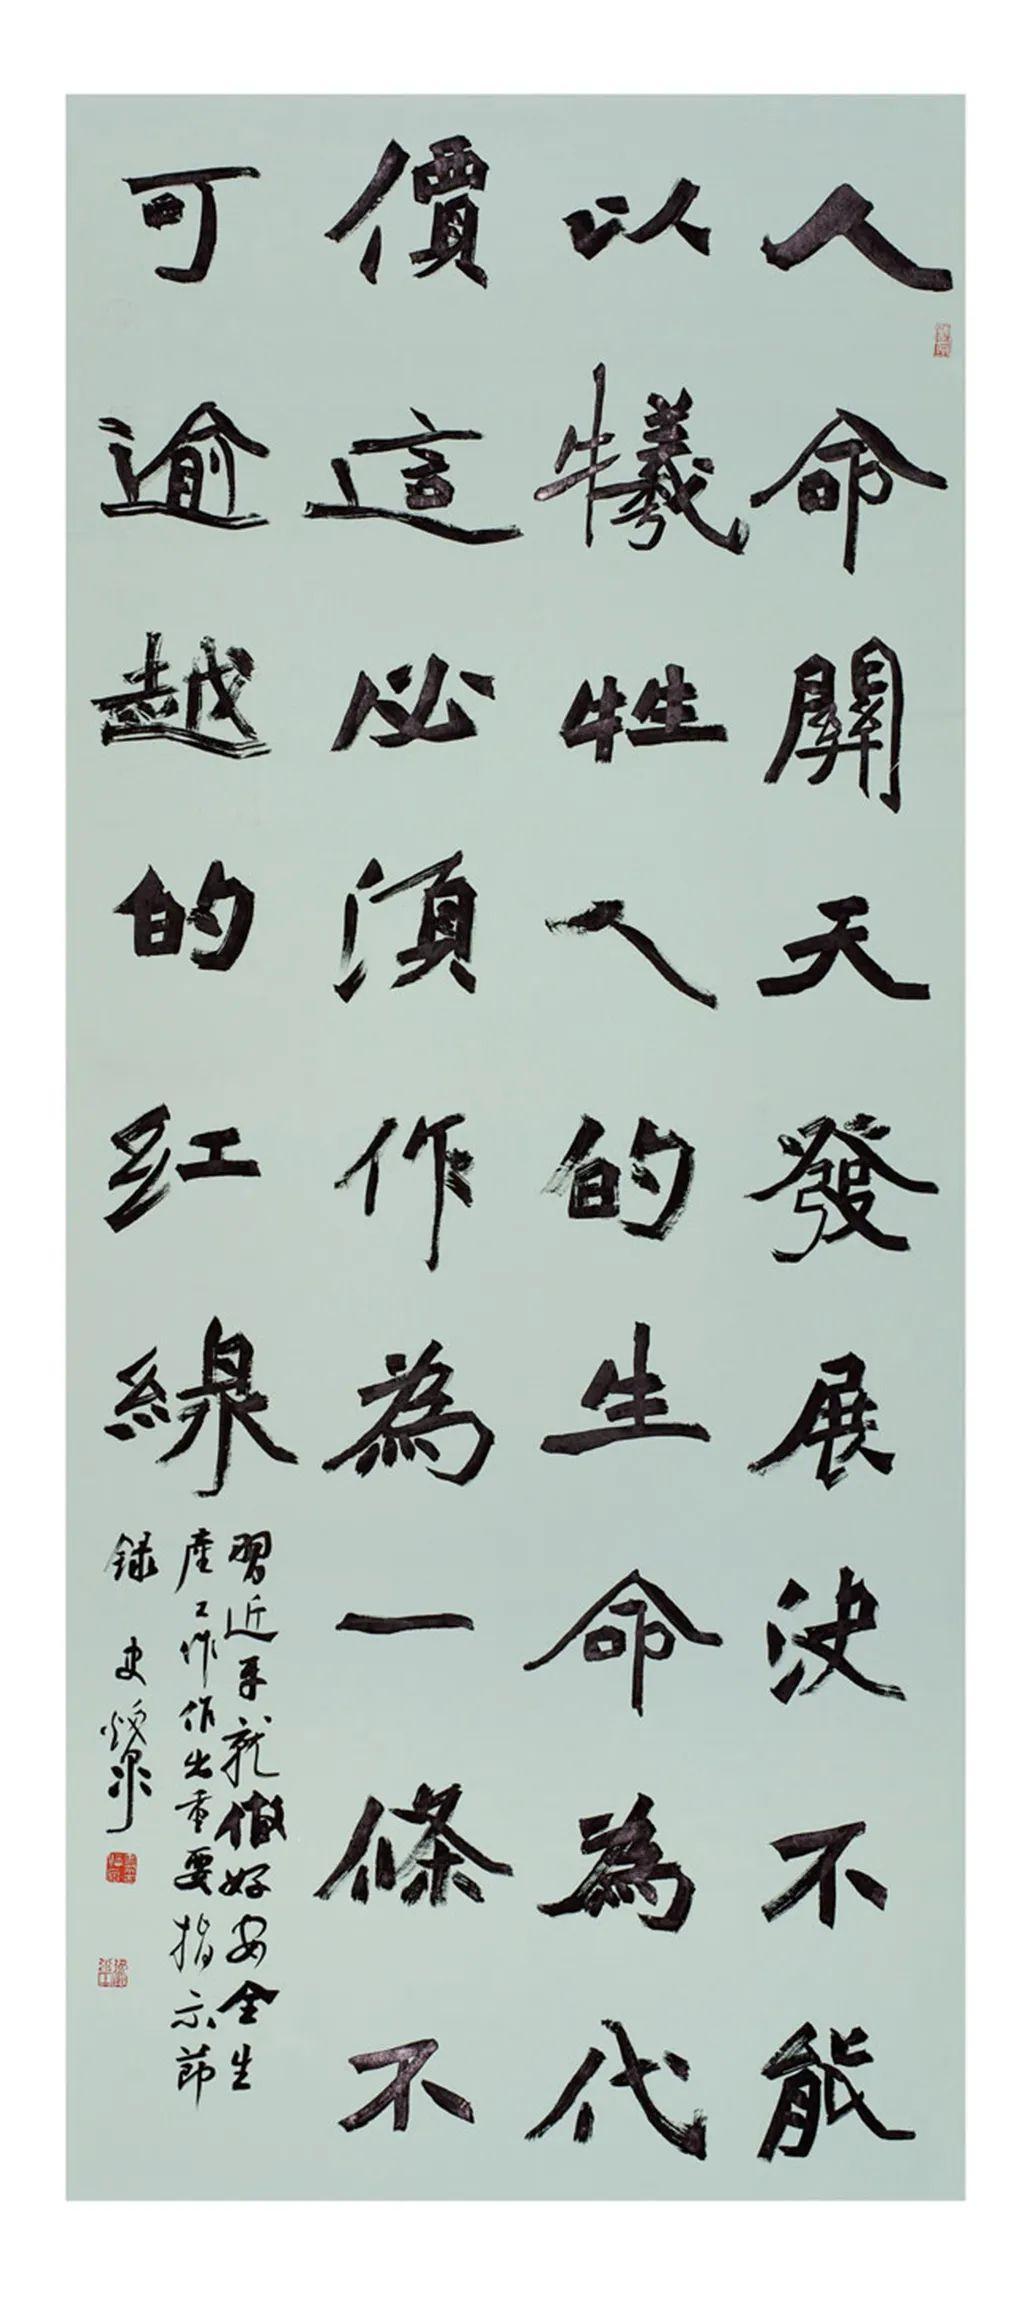 中国力量——全国扶贫书法大展作品 | 第一篇章 :人民至上(图27)